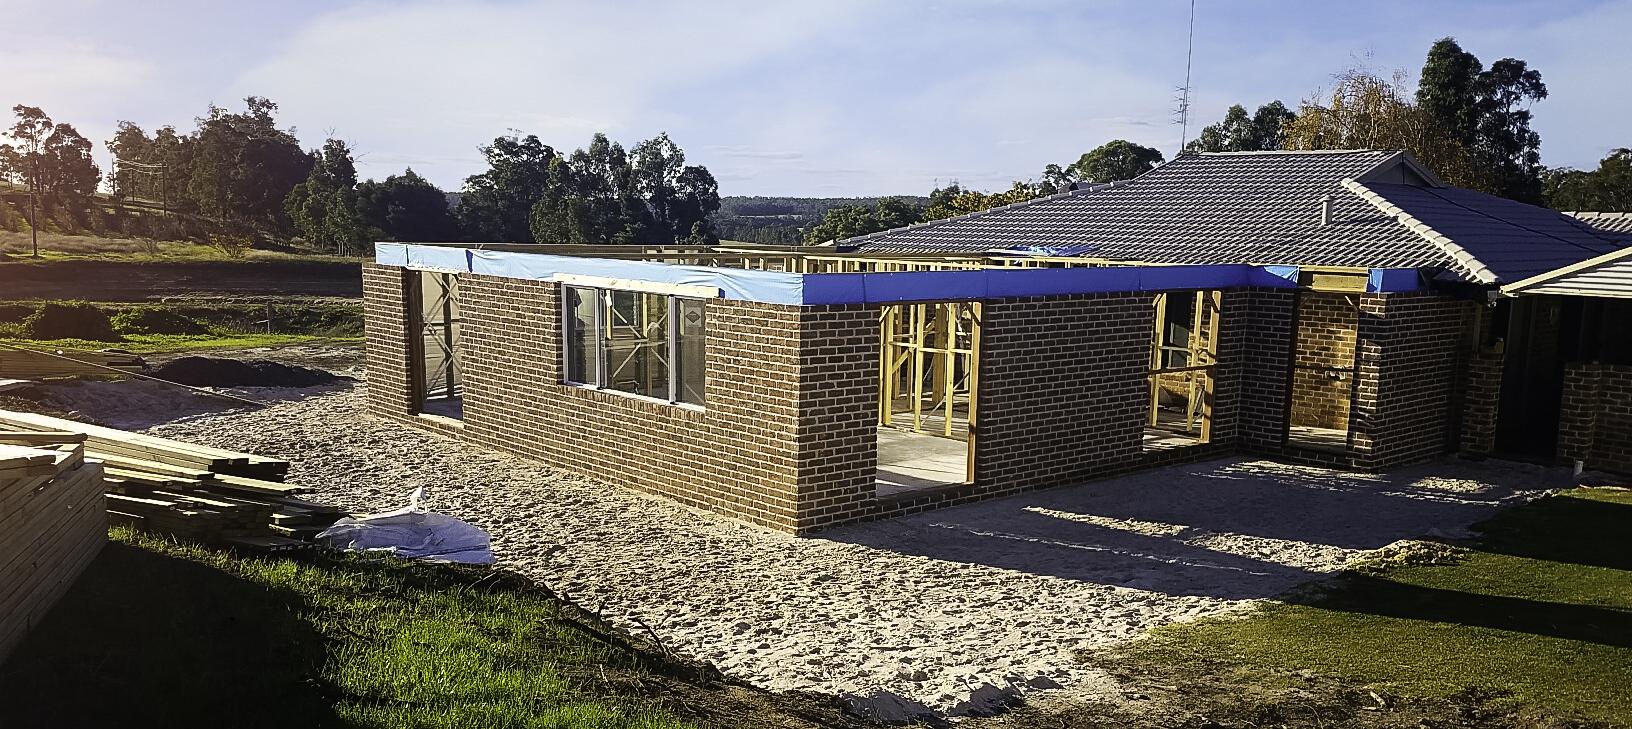 Renovations | Perth Building Company